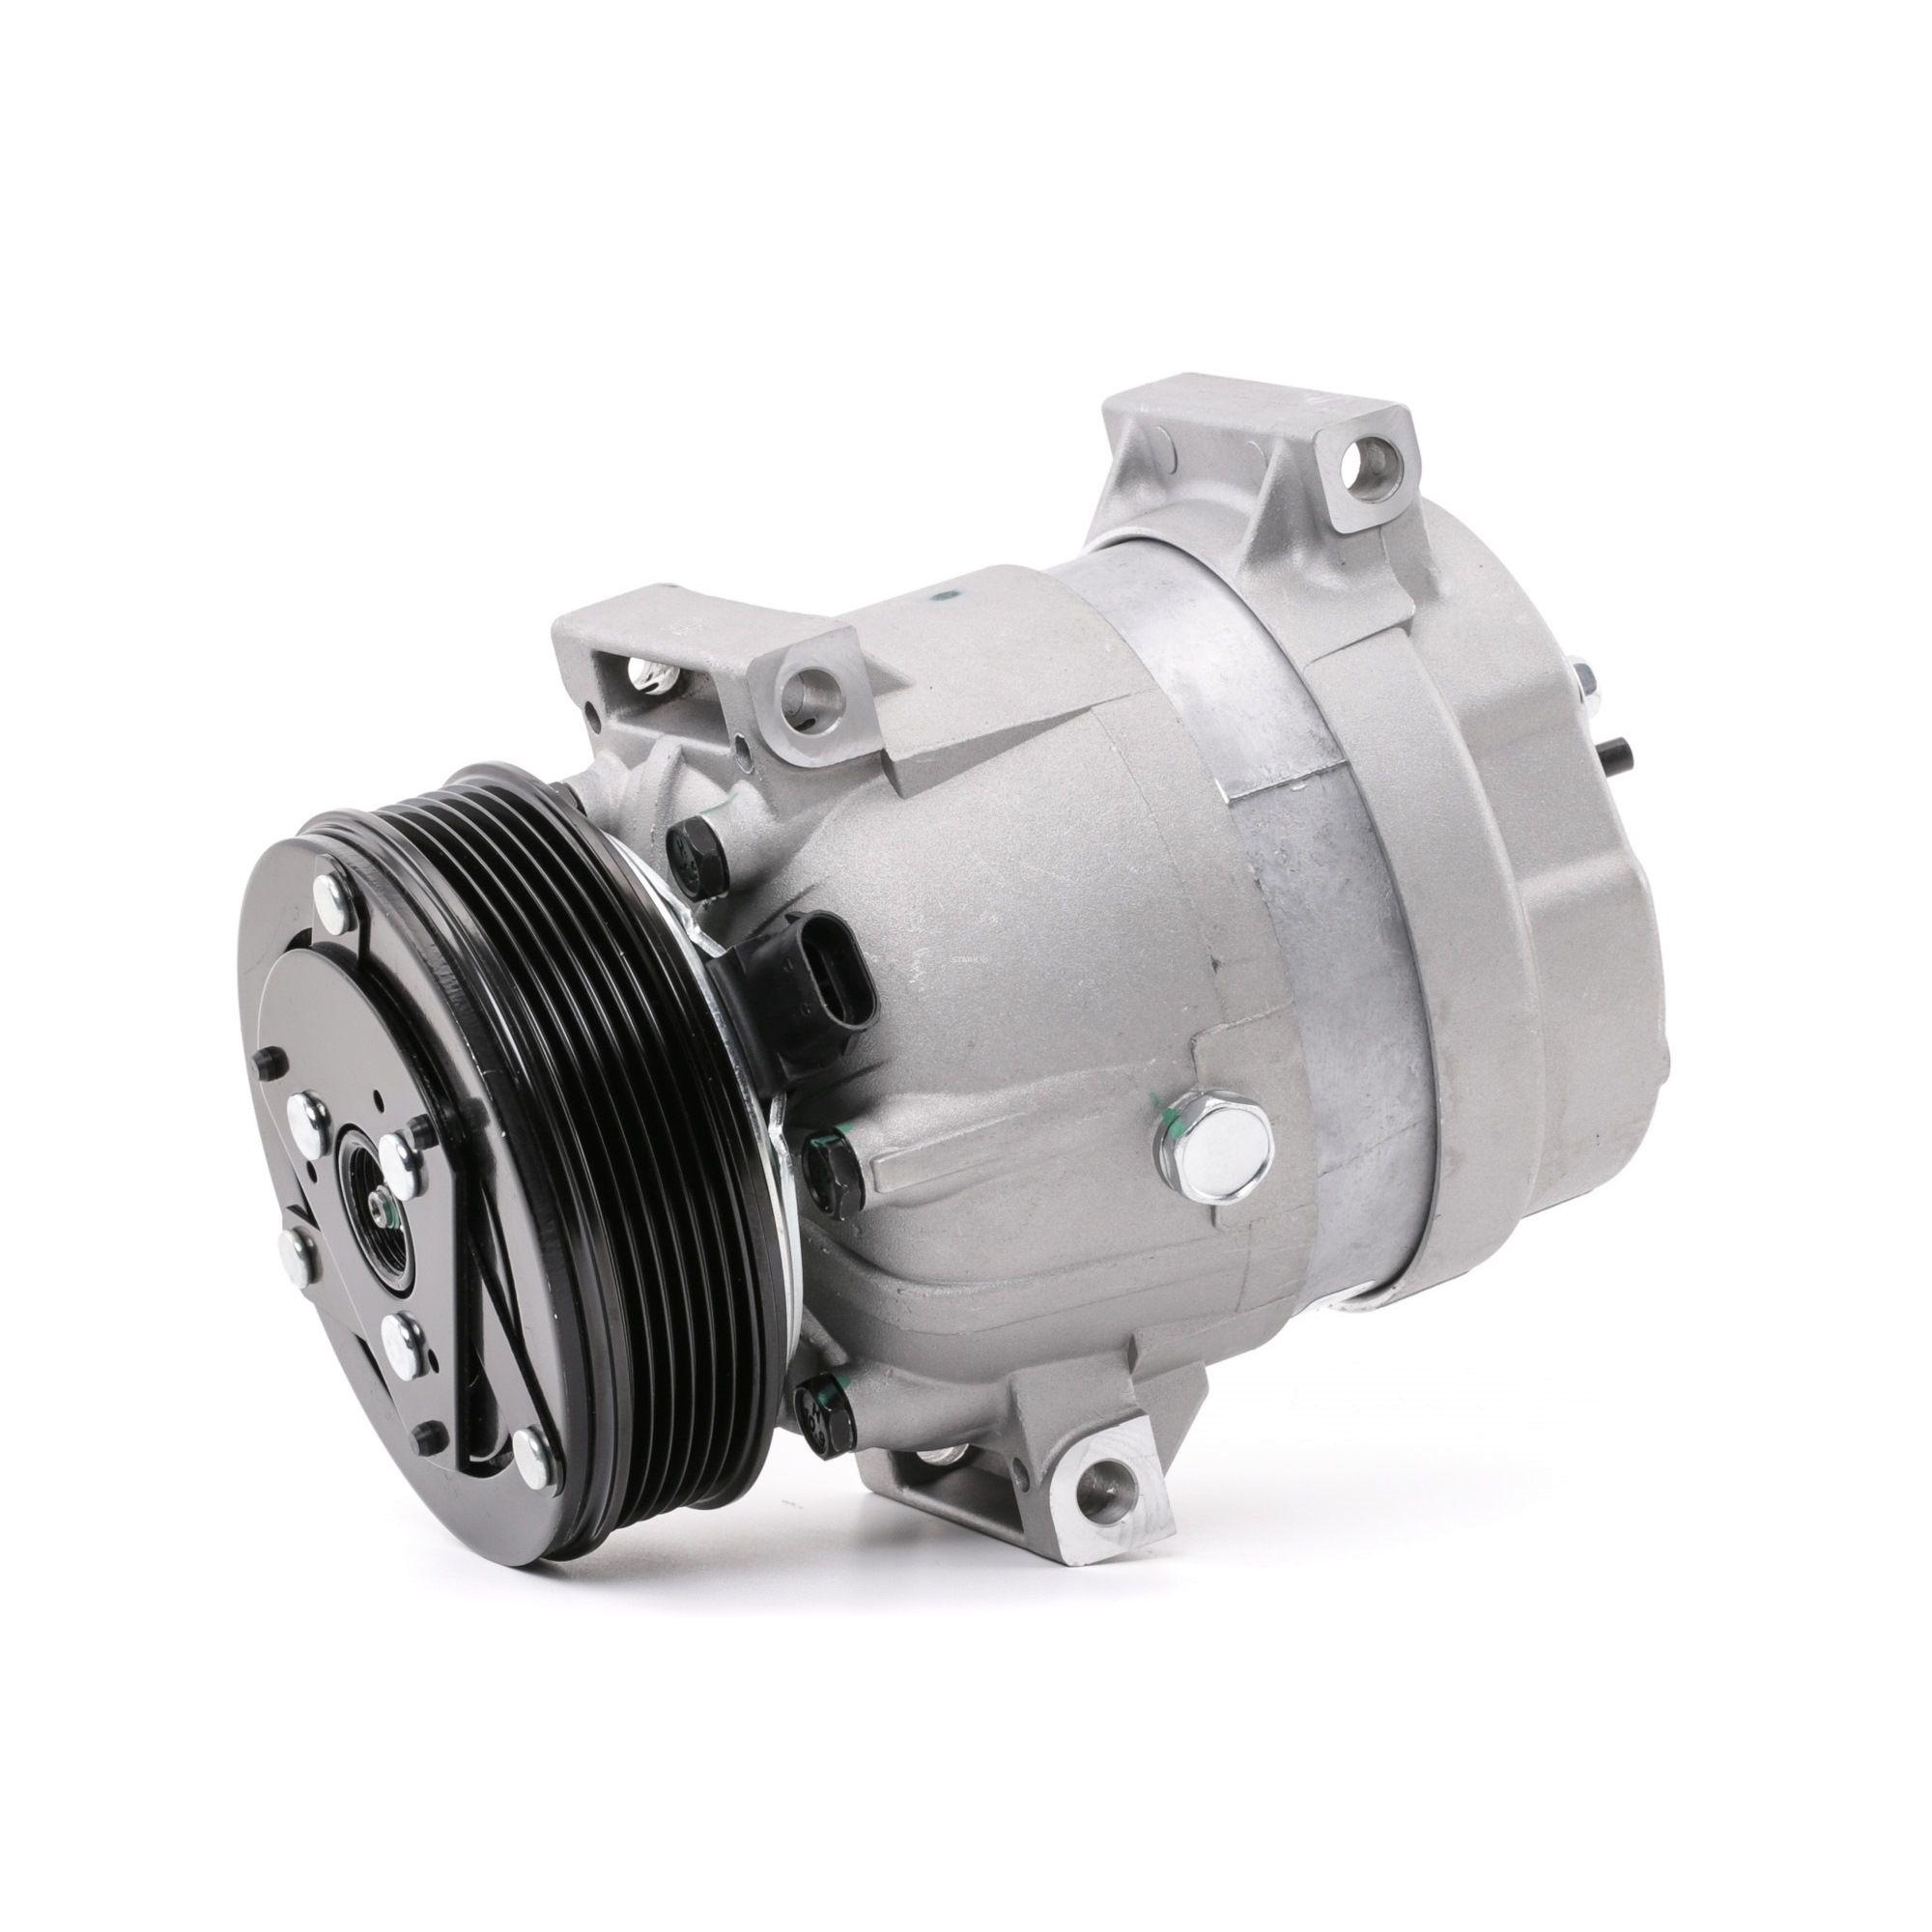 Kompressor STARK SKKM-0340099